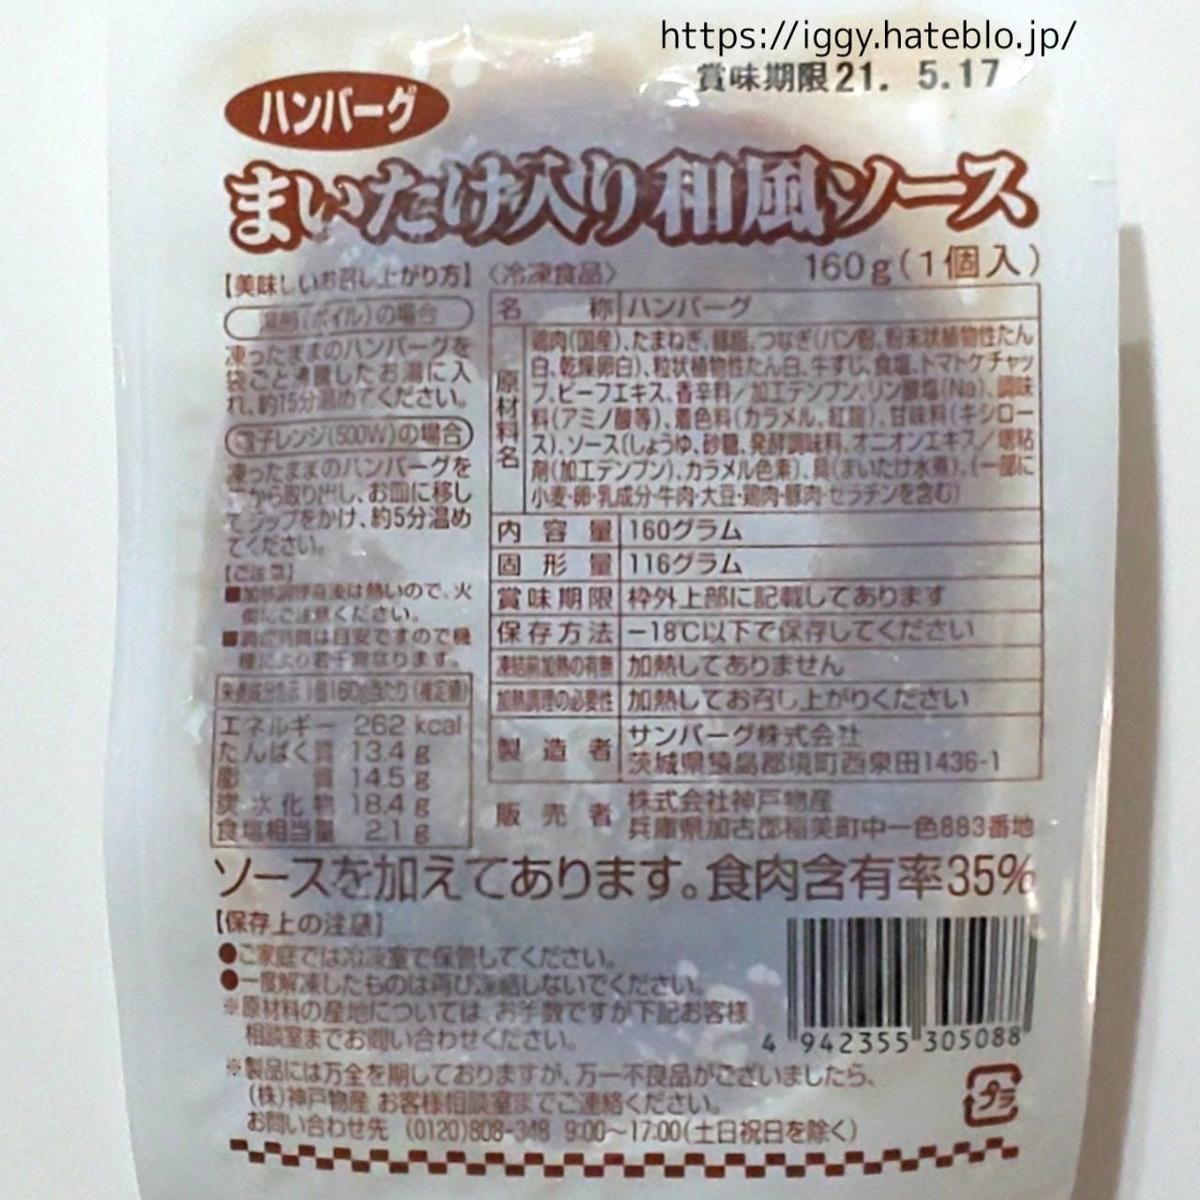 業務スーパー  冷凍食品 ハンバーグ まいたけ入り和風ソース パッケージ表 LIFE